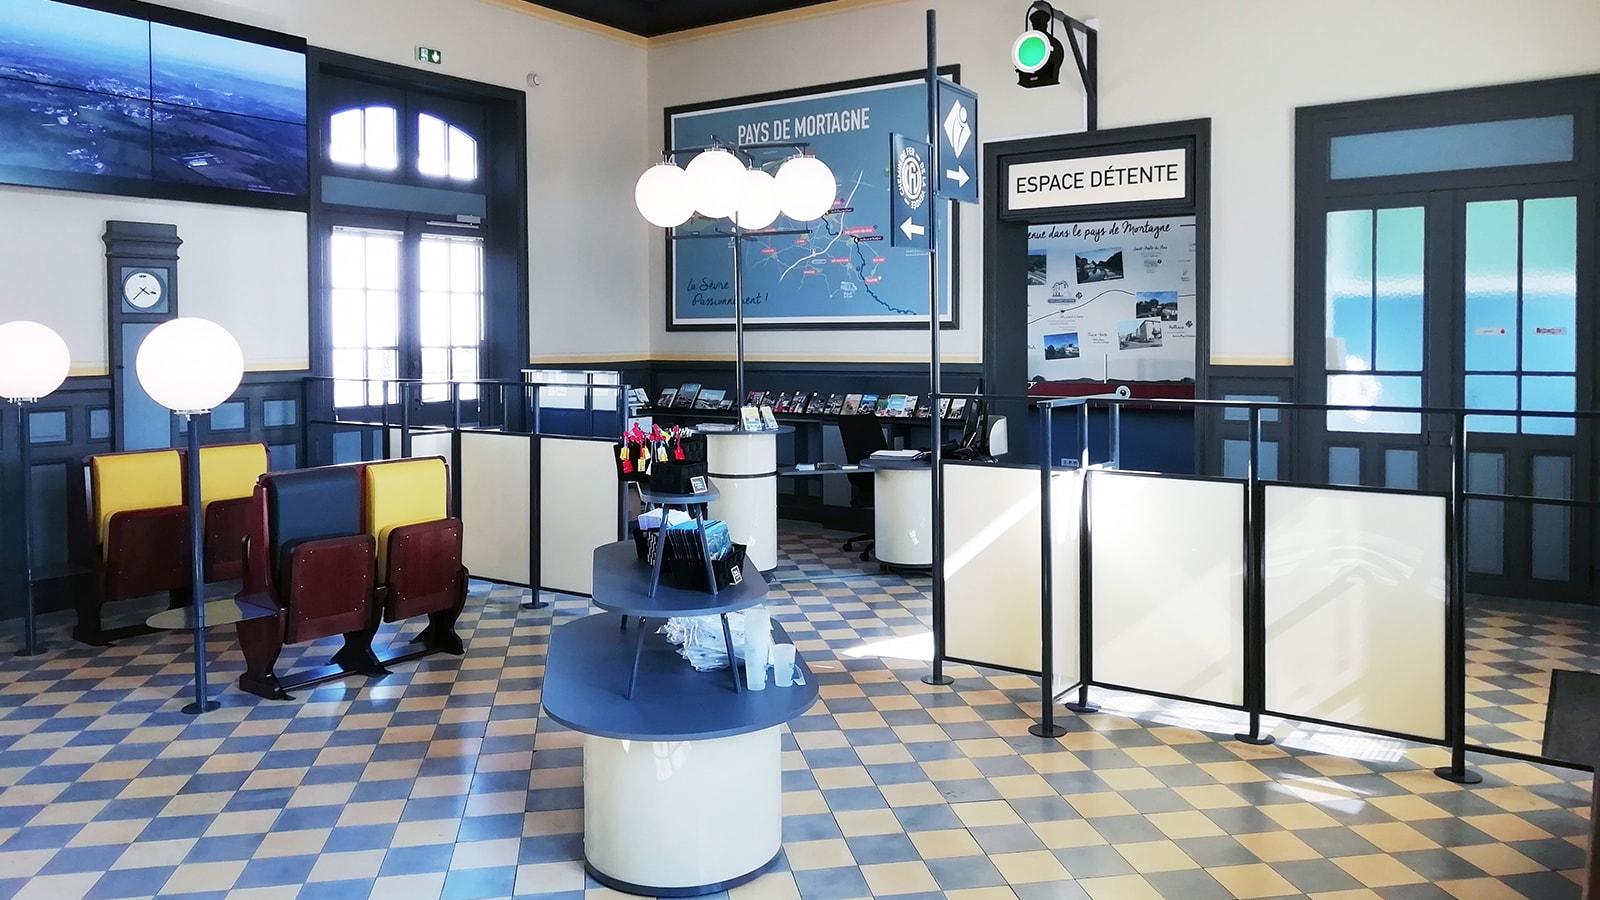 EFI Design Office De Tourisme Mortagne Efi Design (1) 1138